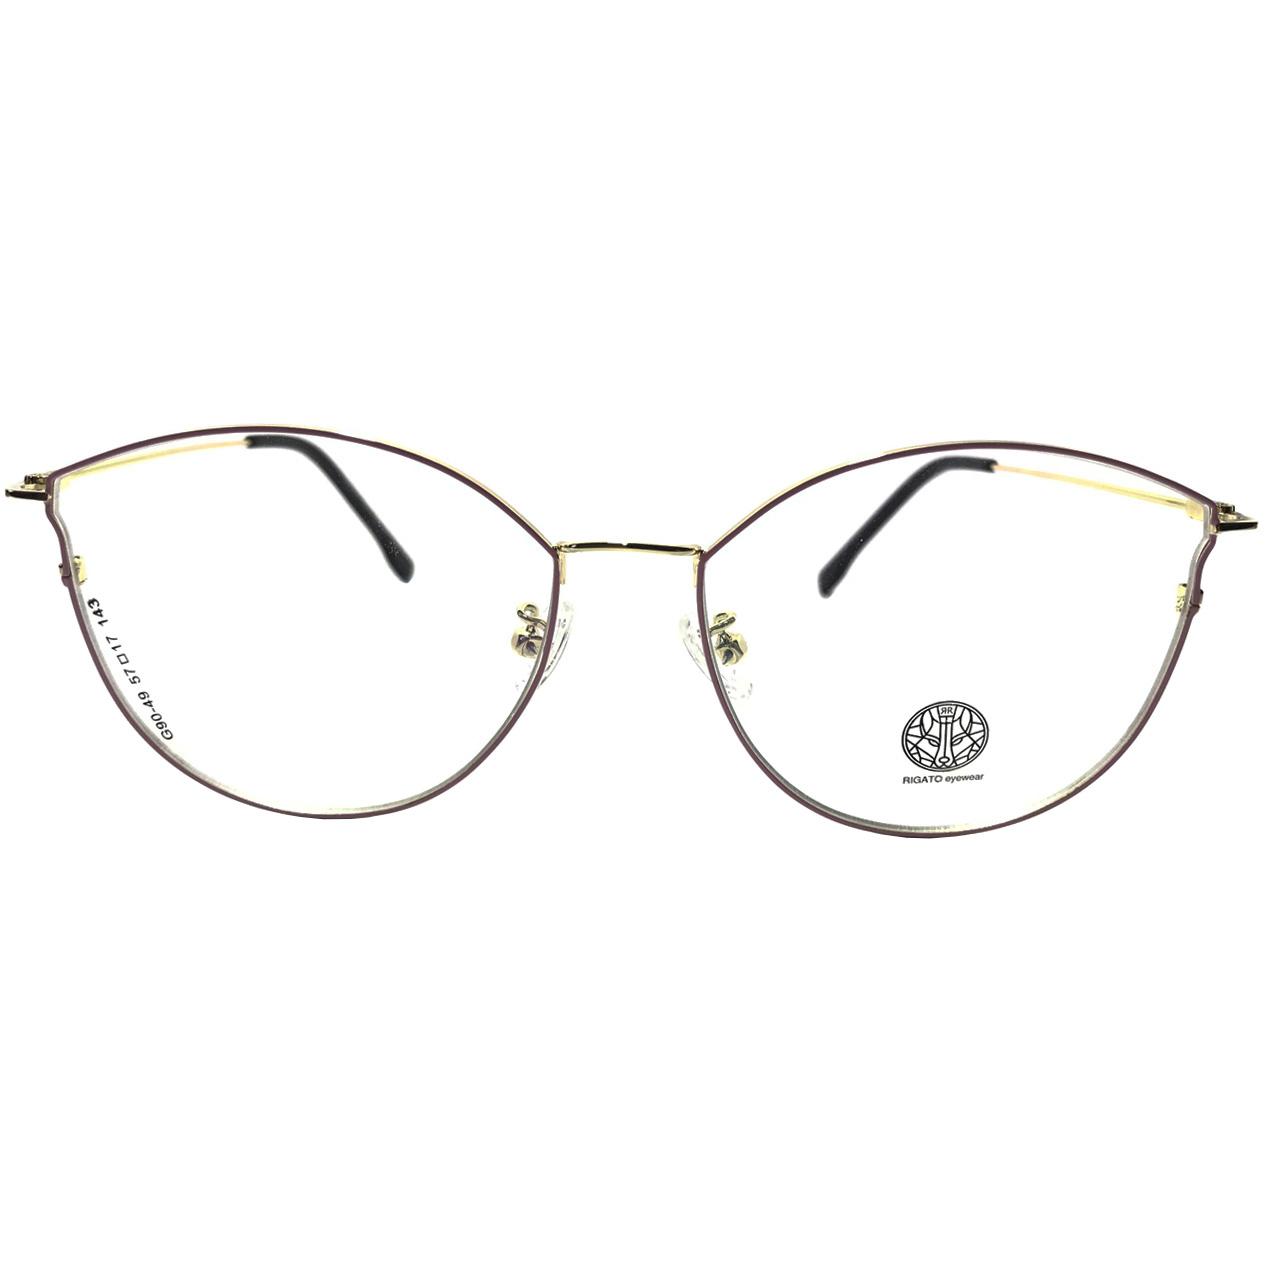 فریم عینک طبی زنانه ریگاتو مدل G90-49